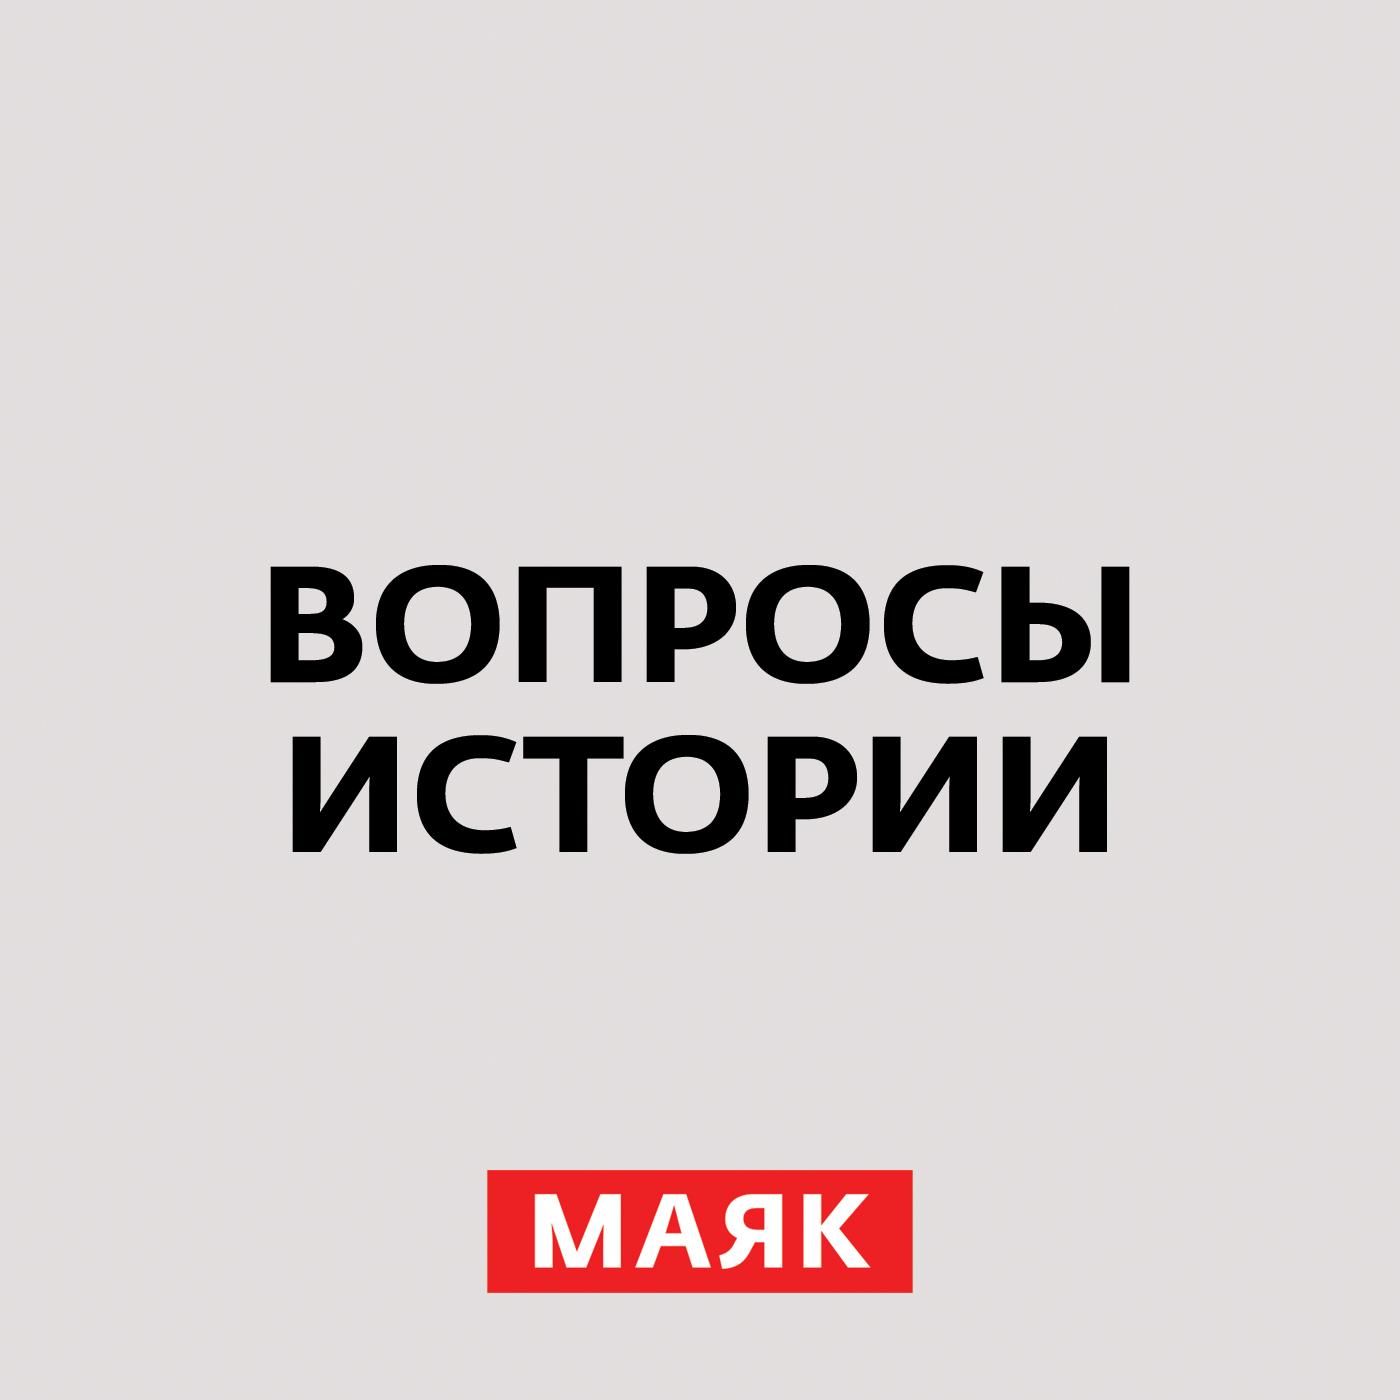 Андрей Светенко Смутное время: столько крови, какая уж тут экономика? экономика природопользования